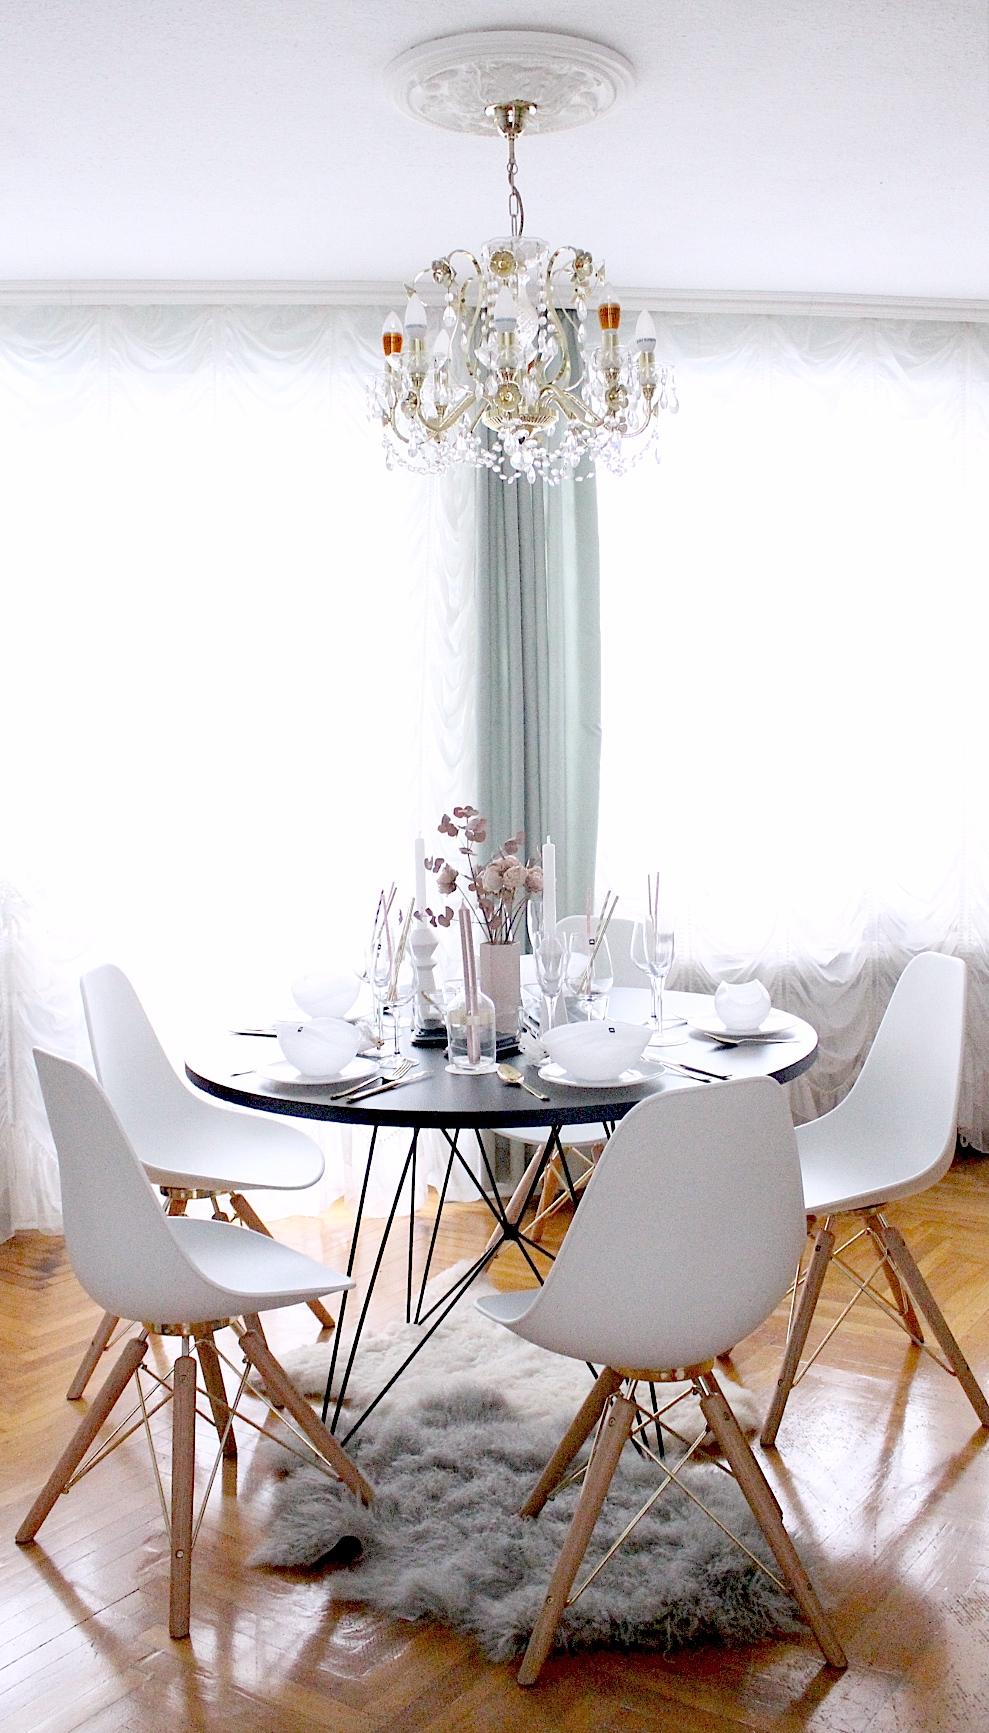 Skandinavisches design geschirr  skandinavisches Esszimmer | Modeblog Deutschland